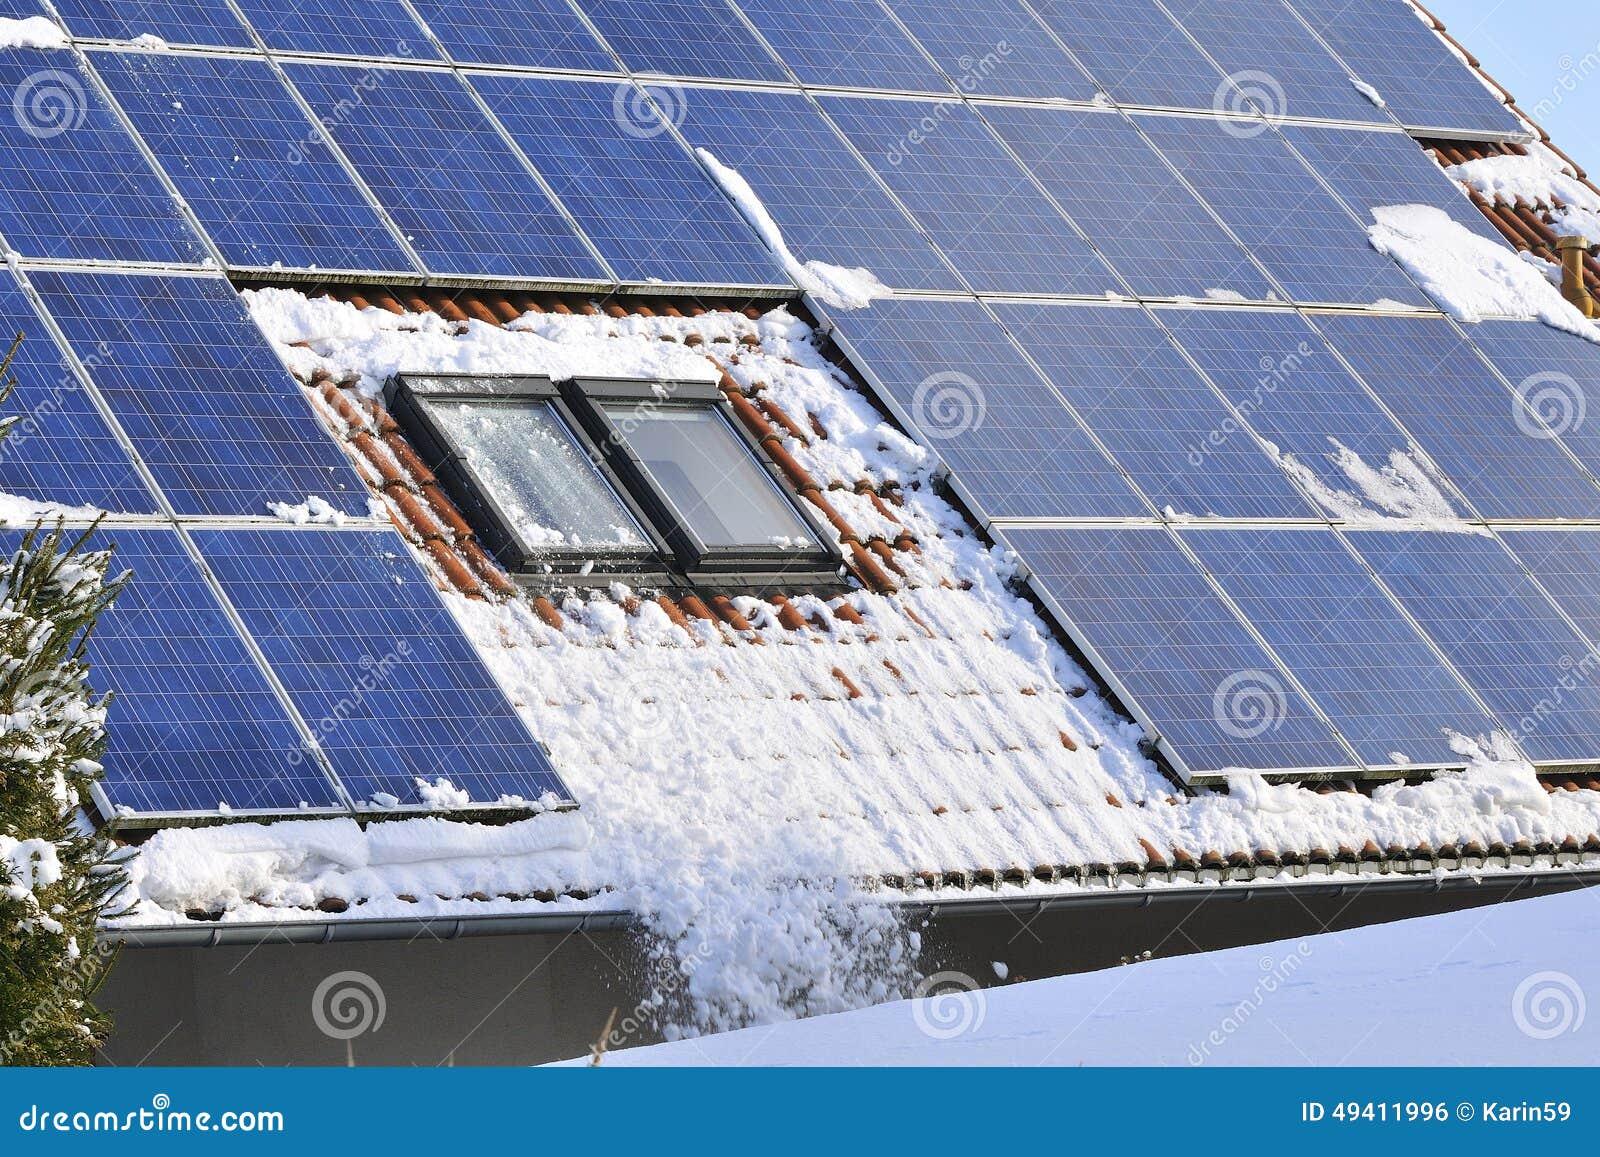 Download Solarmodule mit Schnee stockfoto. Bild von draußen, voltaisch - 49411996